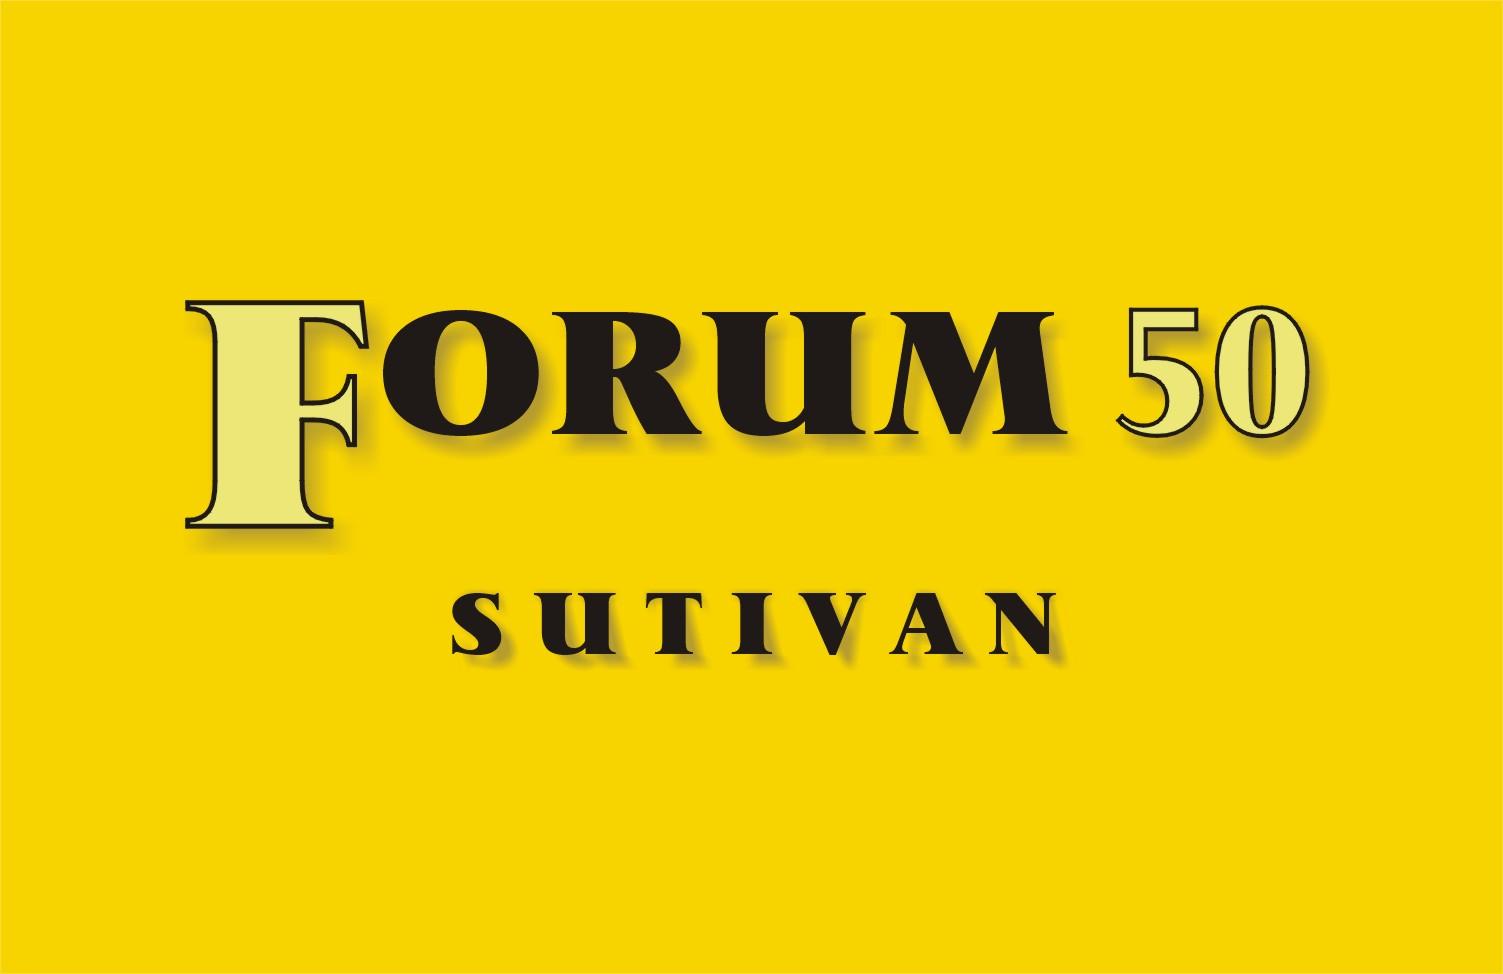 Forum 50